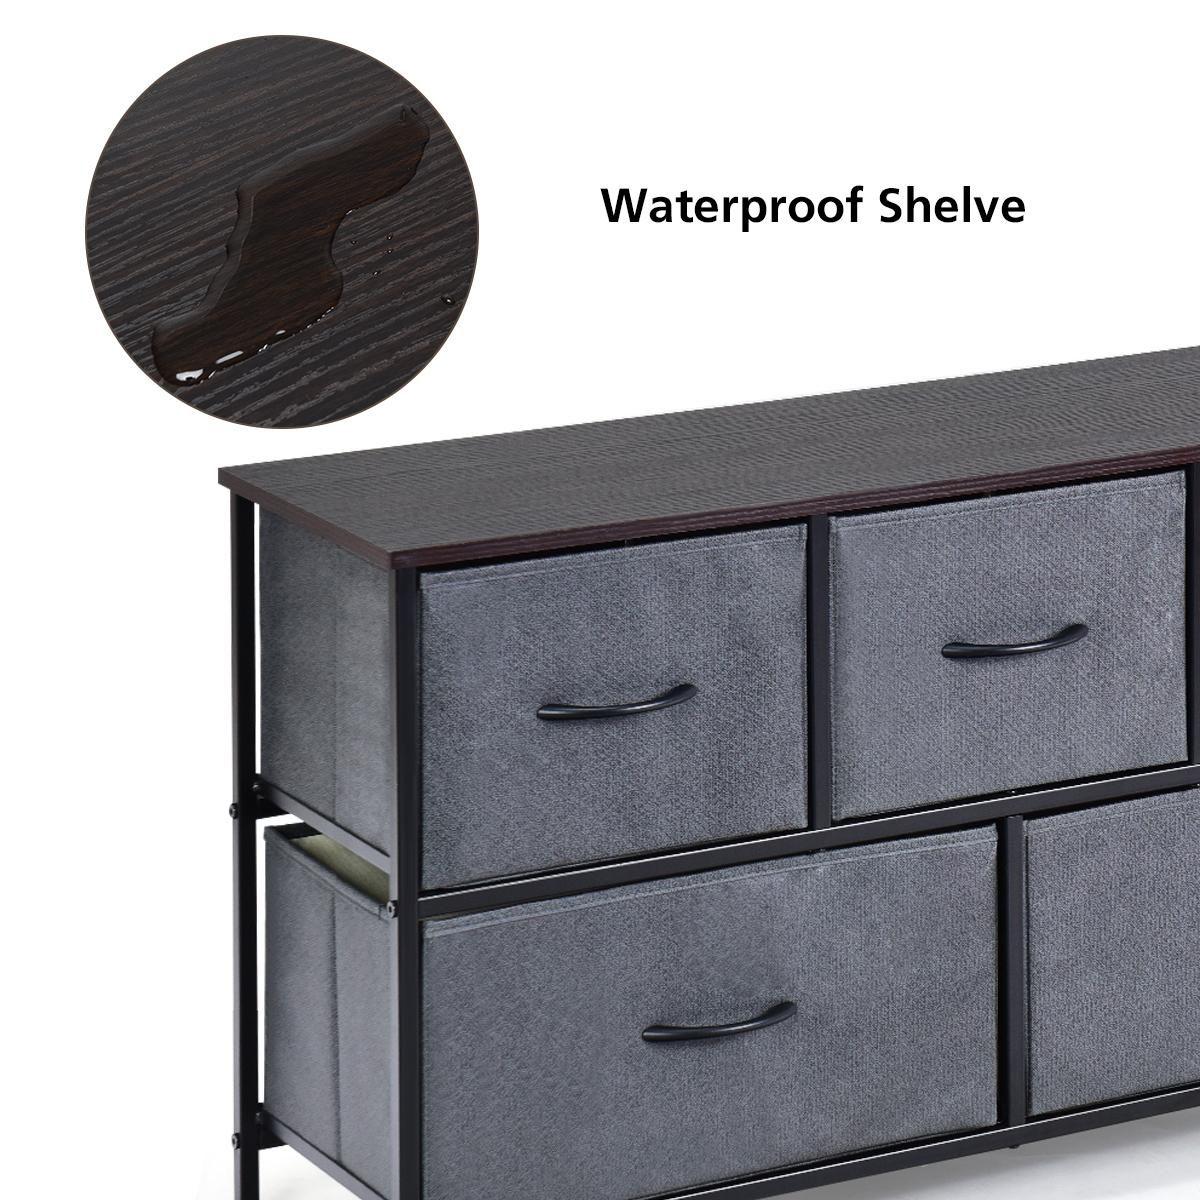 Costway 5 Drawer Dresser Storage Unit Side Table Display Organizer Dorm Room Fabric Grey